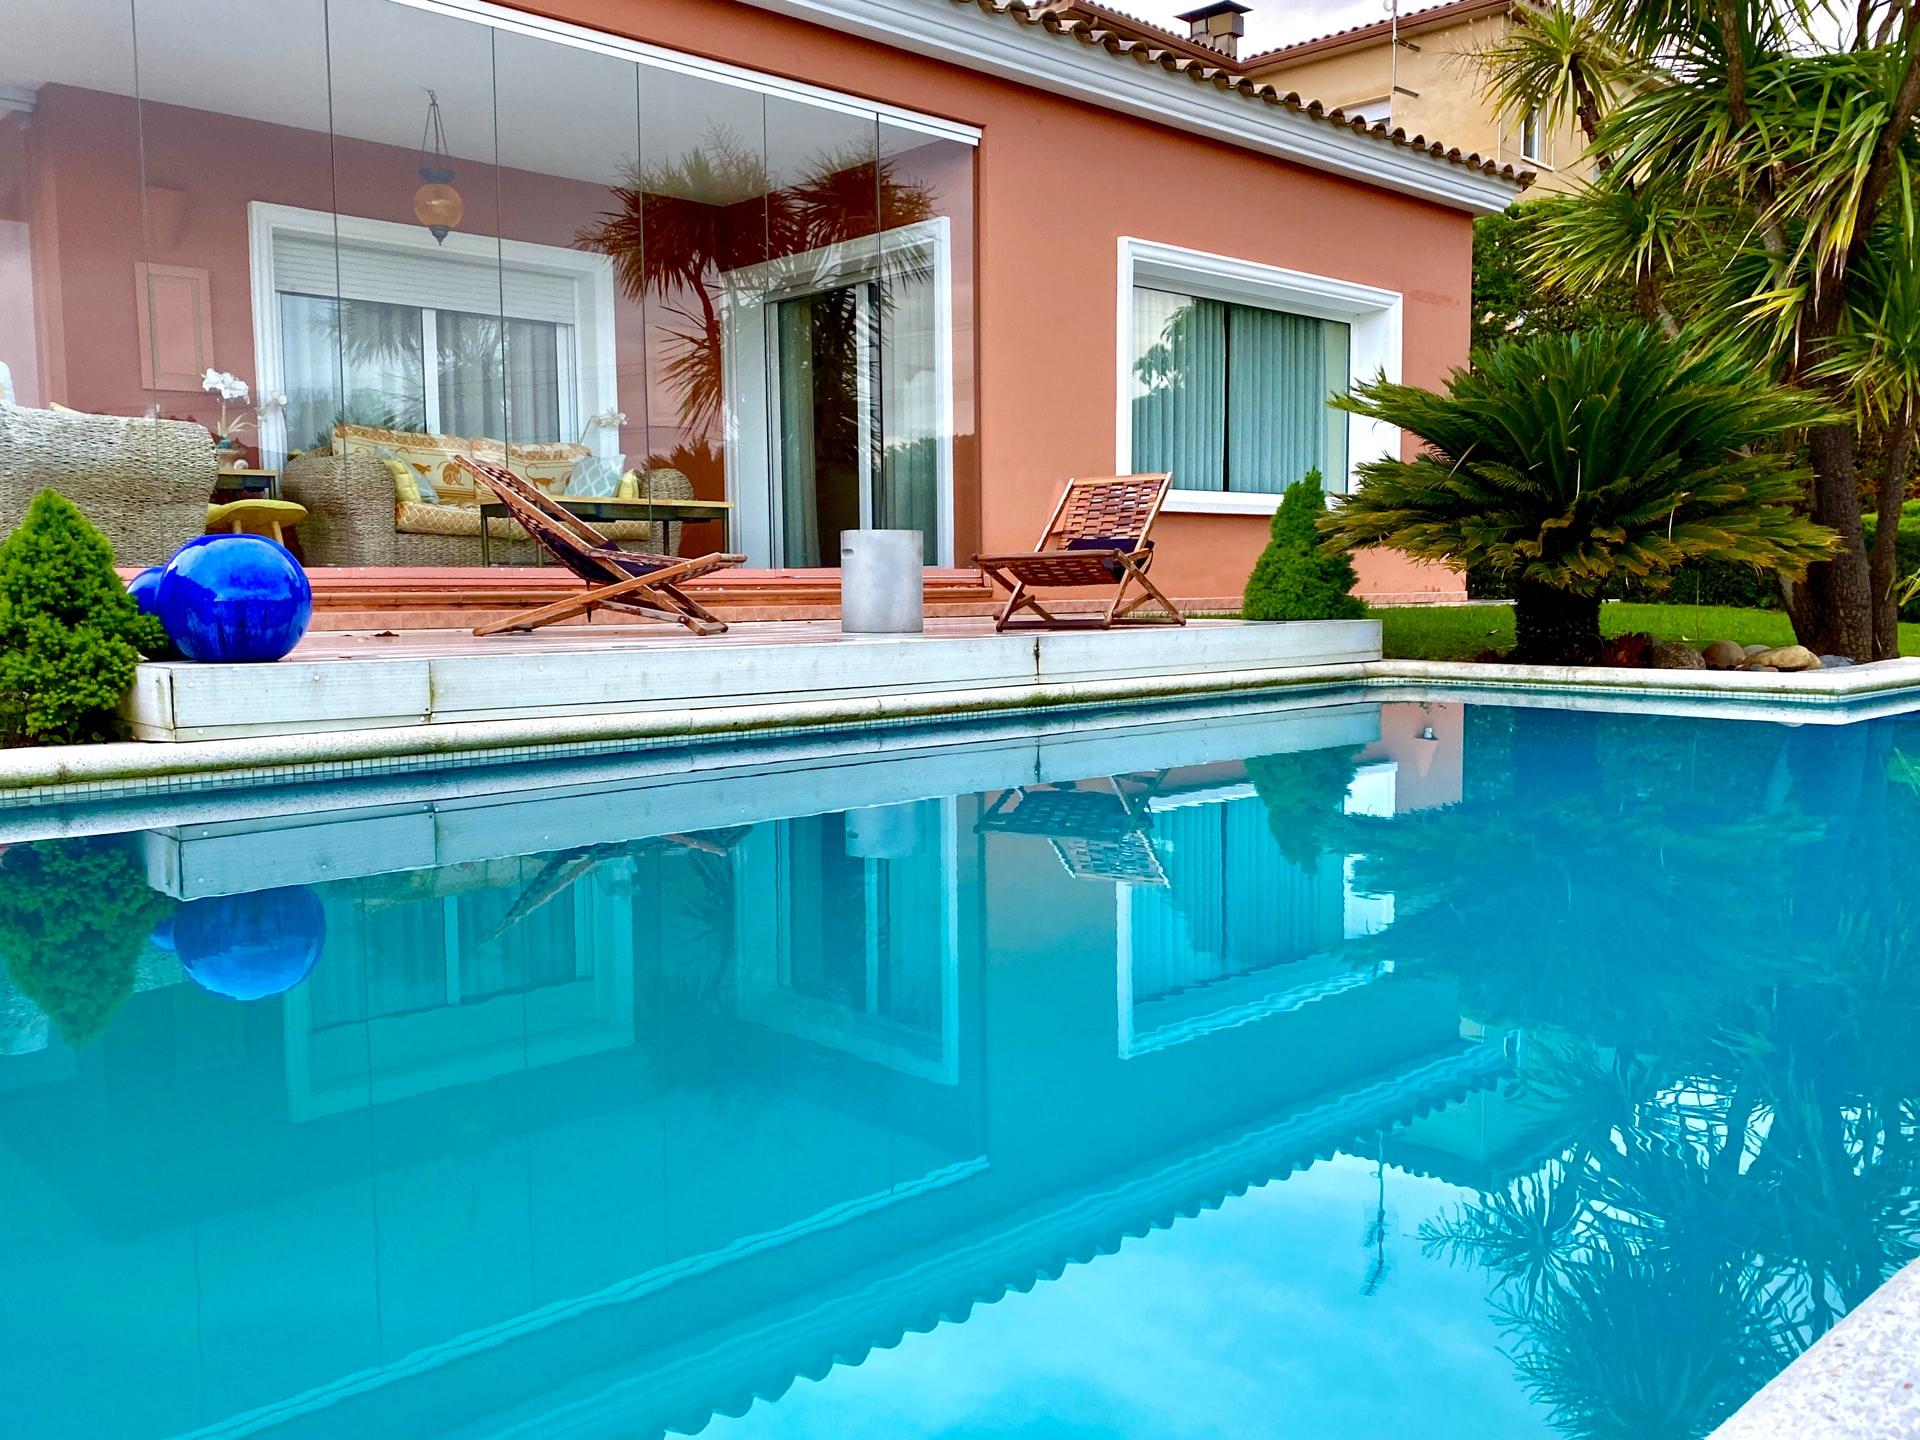 Colocar luces junto a la piscina es una manera de proteger tu casa de posibles intrusos.